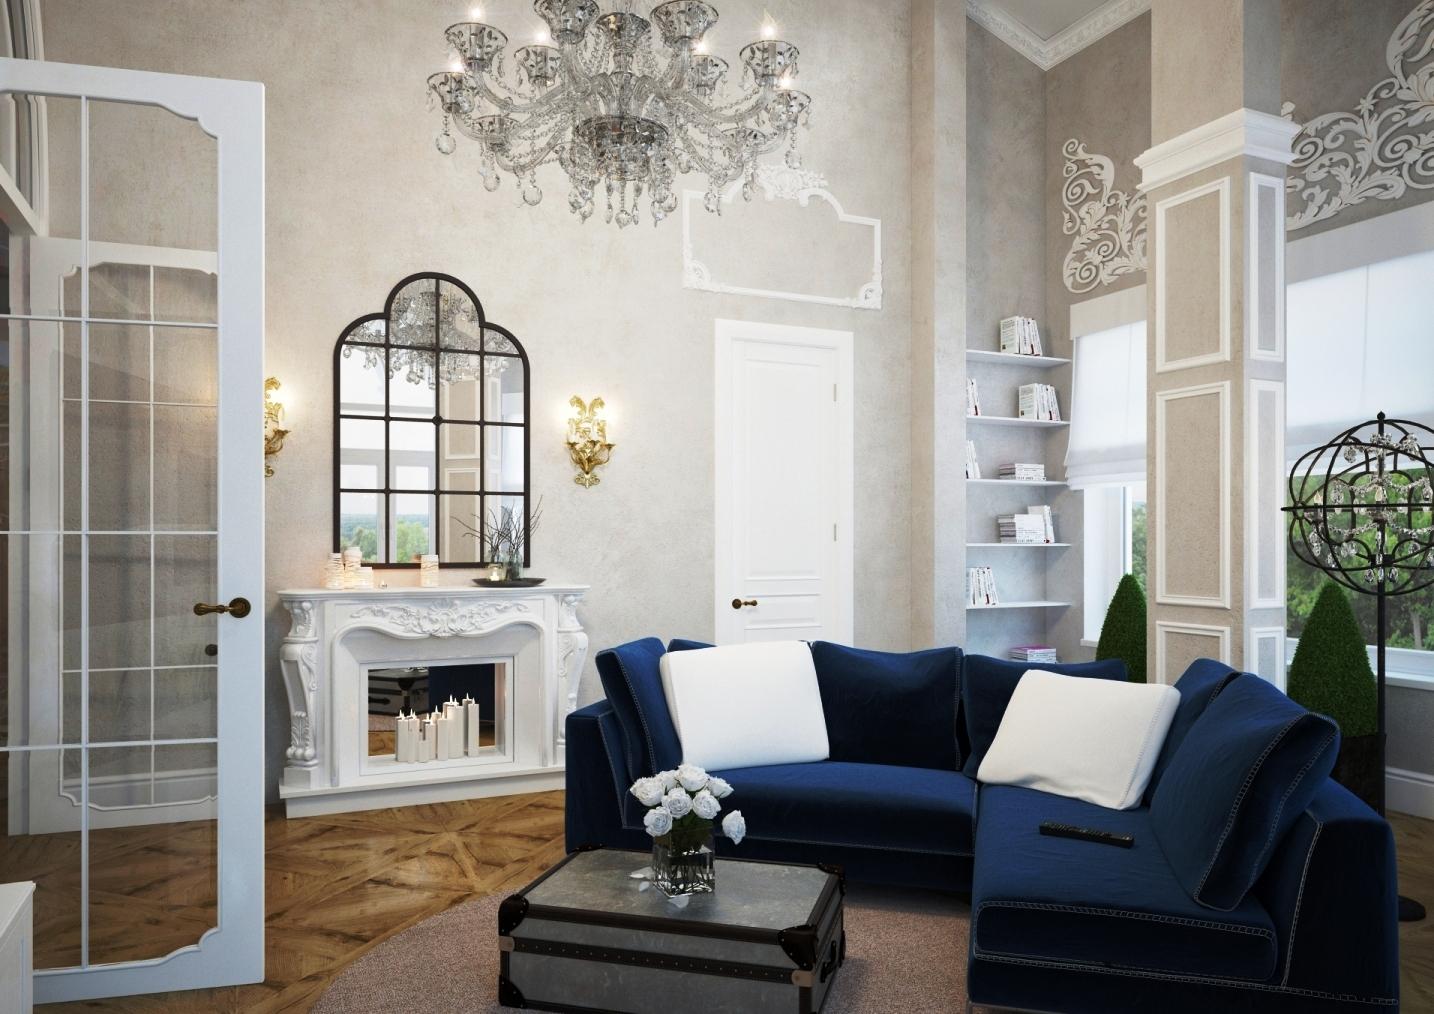 Синий угловой диван в серо-белой гостиной